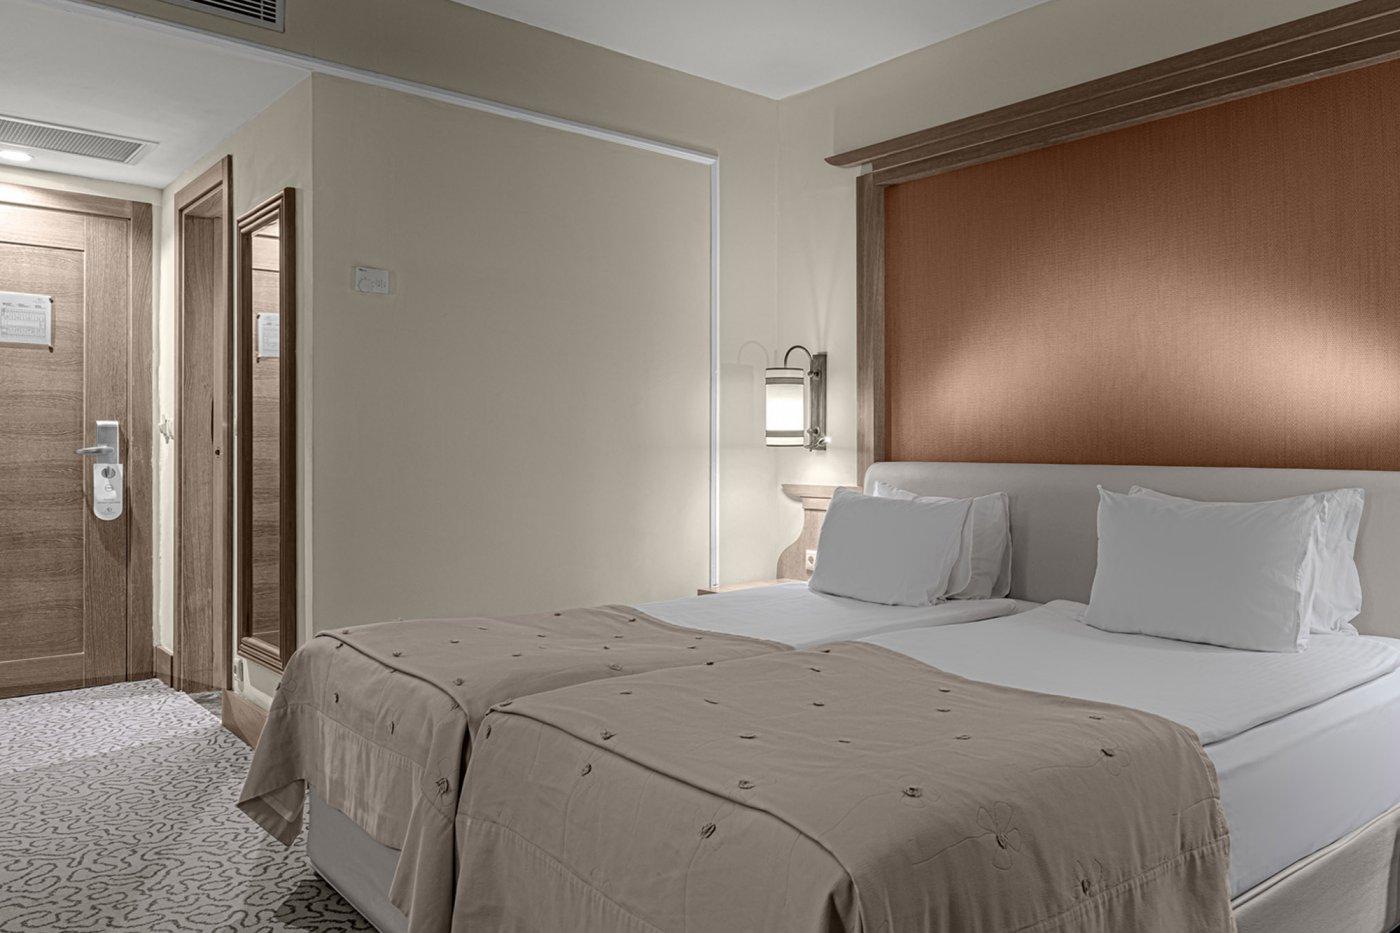 Фото отеля Alva Donna Beach Resort Comfort 5* (Альва Донна Бич Резорт Комфорт 5*)